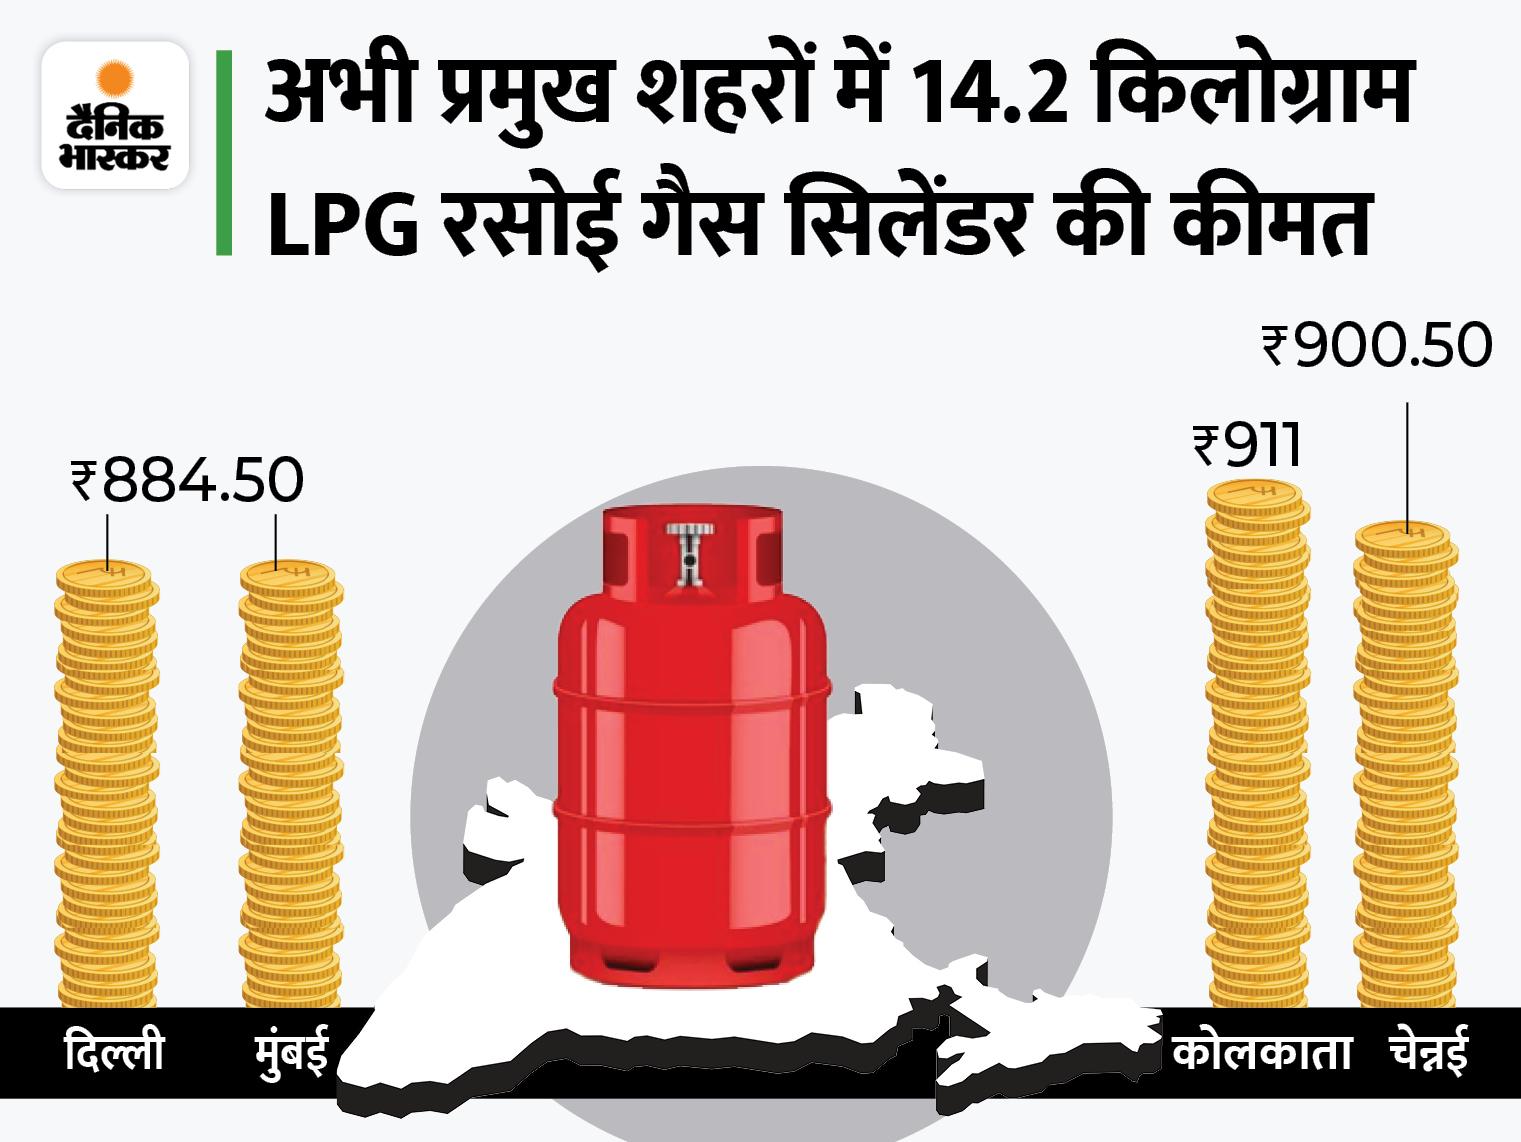 1000 रुपए का हो सकता है घरेलू LPG सिलेंडर, इस पर मिलने वाली सब्सिडी पूरी तरह बंद कर सकती है सरकार|बिजनेस,Business - Dainik Bhaskar